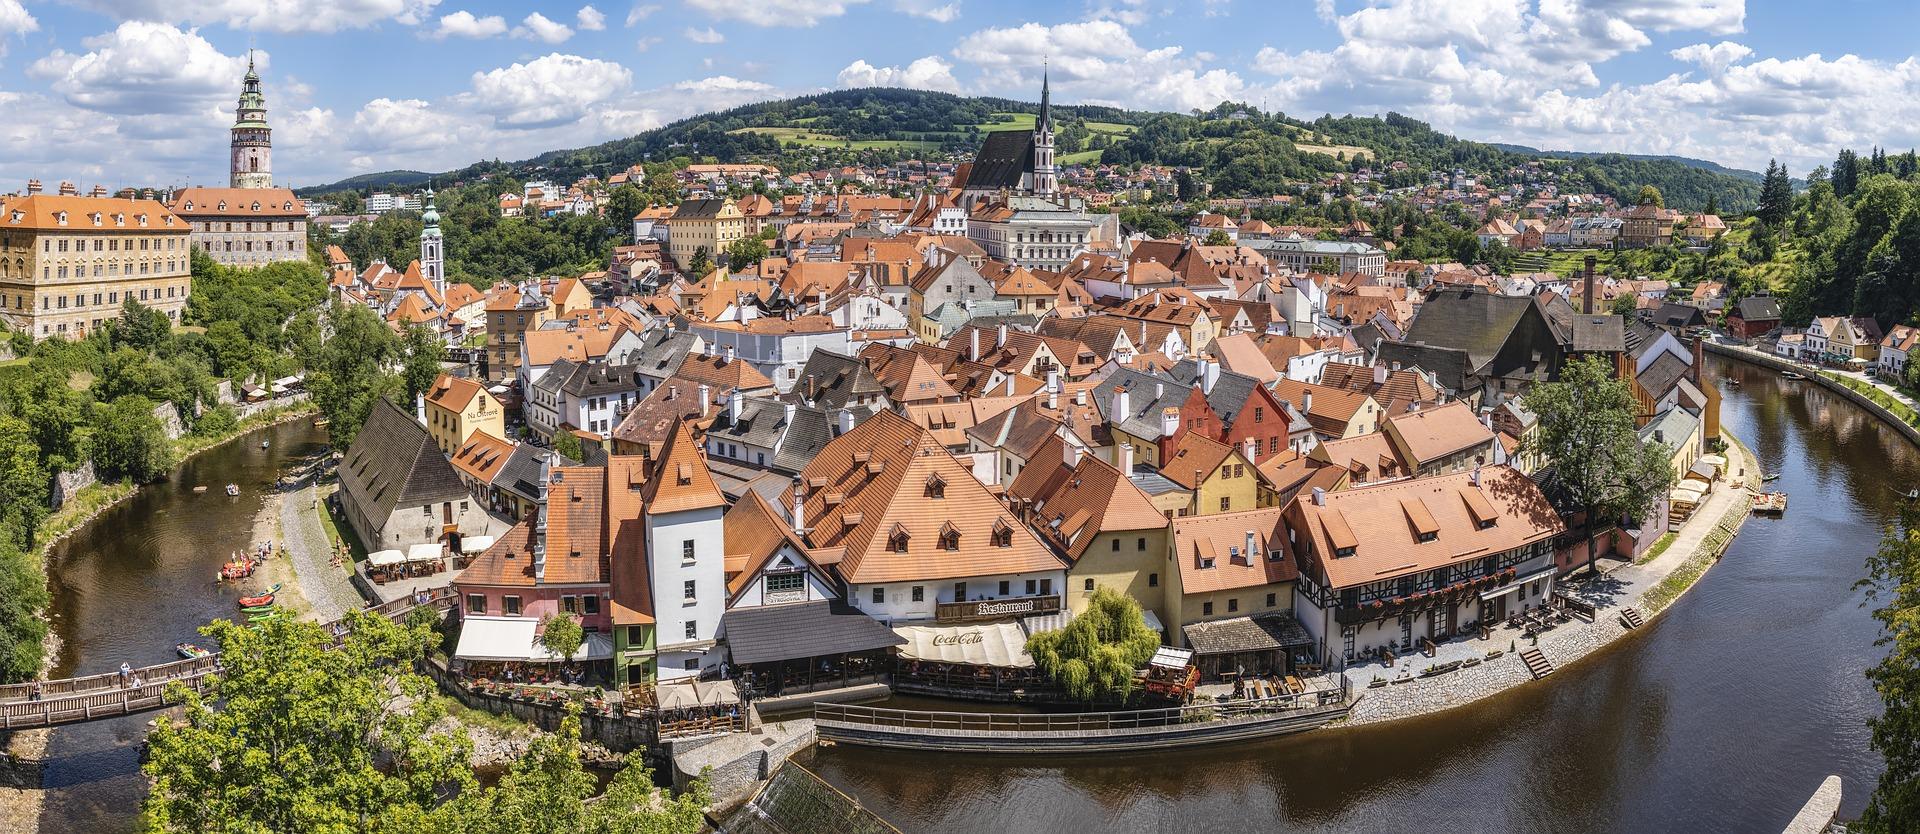 Ab Montag freie Einreise für Geimpfte aus Ungarn nach Tschechien